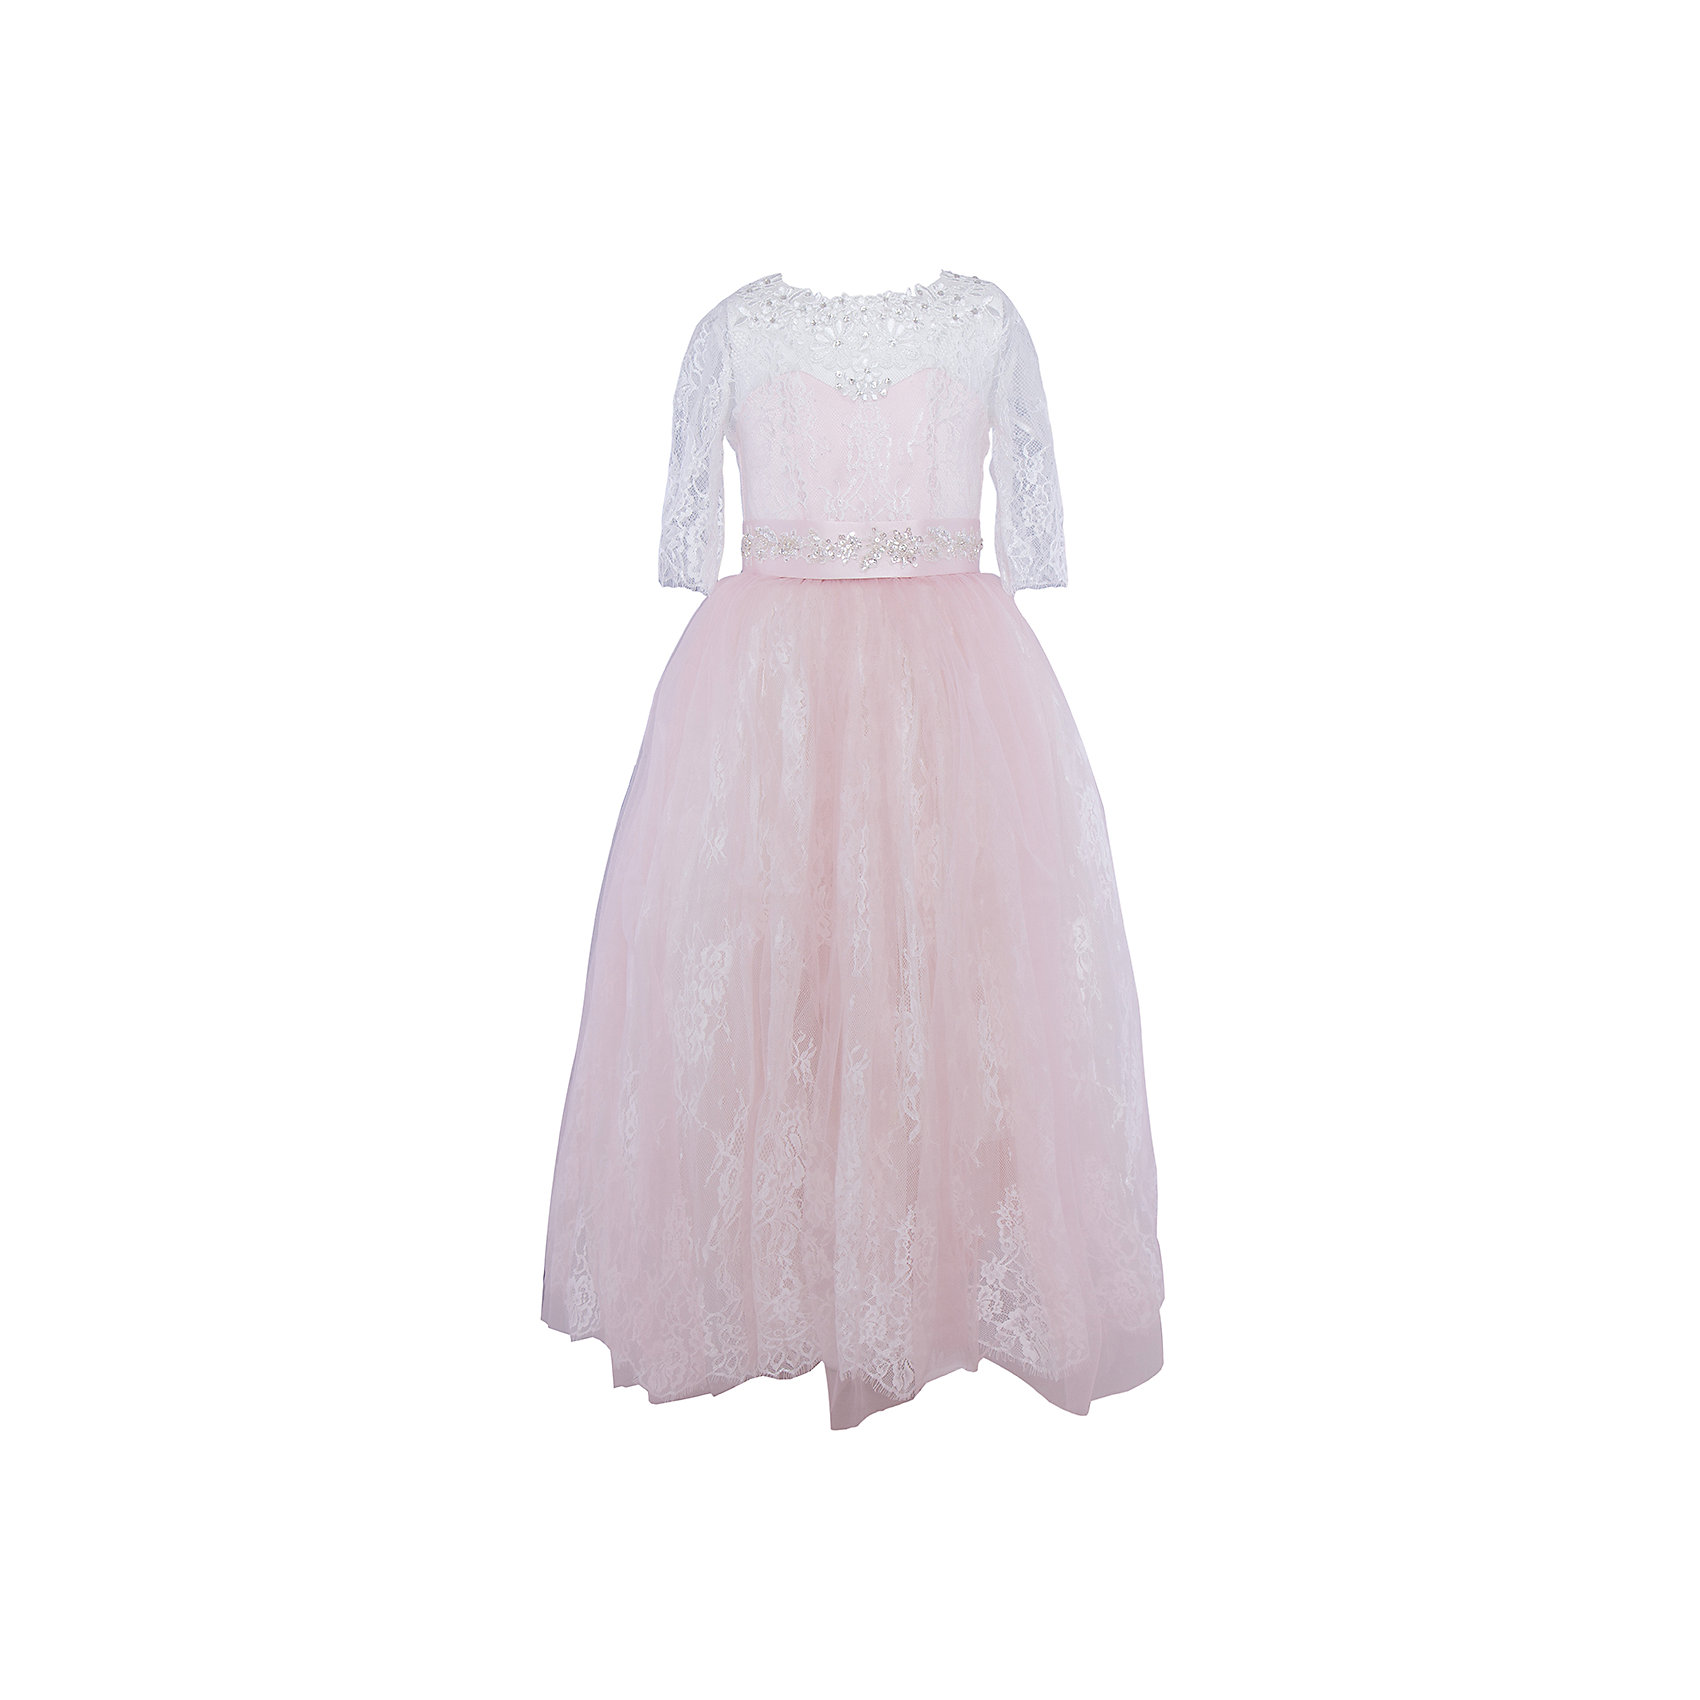 Платье нарядное ПрестижПлатье для девочки Престиж.<br><br>Характеристики:<br><br>• пышный силуэт<br>• рукав три четверти<br>• корсет<br>• состав: 100% полиэстер<br>• цвет: светло-розовый<br><br>Платье для девочки Престиж прекрасно подойдет для любого торжественного мероприятия. Модель имеет пышный силуэт и рукав три четверти. Платье имеет полупрозрачный верх, украшенный вышивкой. Юбка и поясок платья также украшены вышивкой. Стильное пышное платье - то, что нужно маленькой леди!<br><br>Платье регулируется шнуровкой сзади, от талии до верха спинки. Шнуровка в комплекте.<br>Платье подходит для занятий бальными танцами.<br><br>Вы можете купить платье для девочки Престиж в нашем интернет-магазине.<br><br>Ширина мм: 236<br>Глубина мм: 16<br>Высота мм: 184<br>Вес г: 177<br>Цвет: светло-розовый<br>Возраст от месяцев: 72<br>Возраст до месяцев: 84<br>Пол: Женский<br>Возраст: Детский<br>Размер: 116,128,122<br>SKU: 5158428